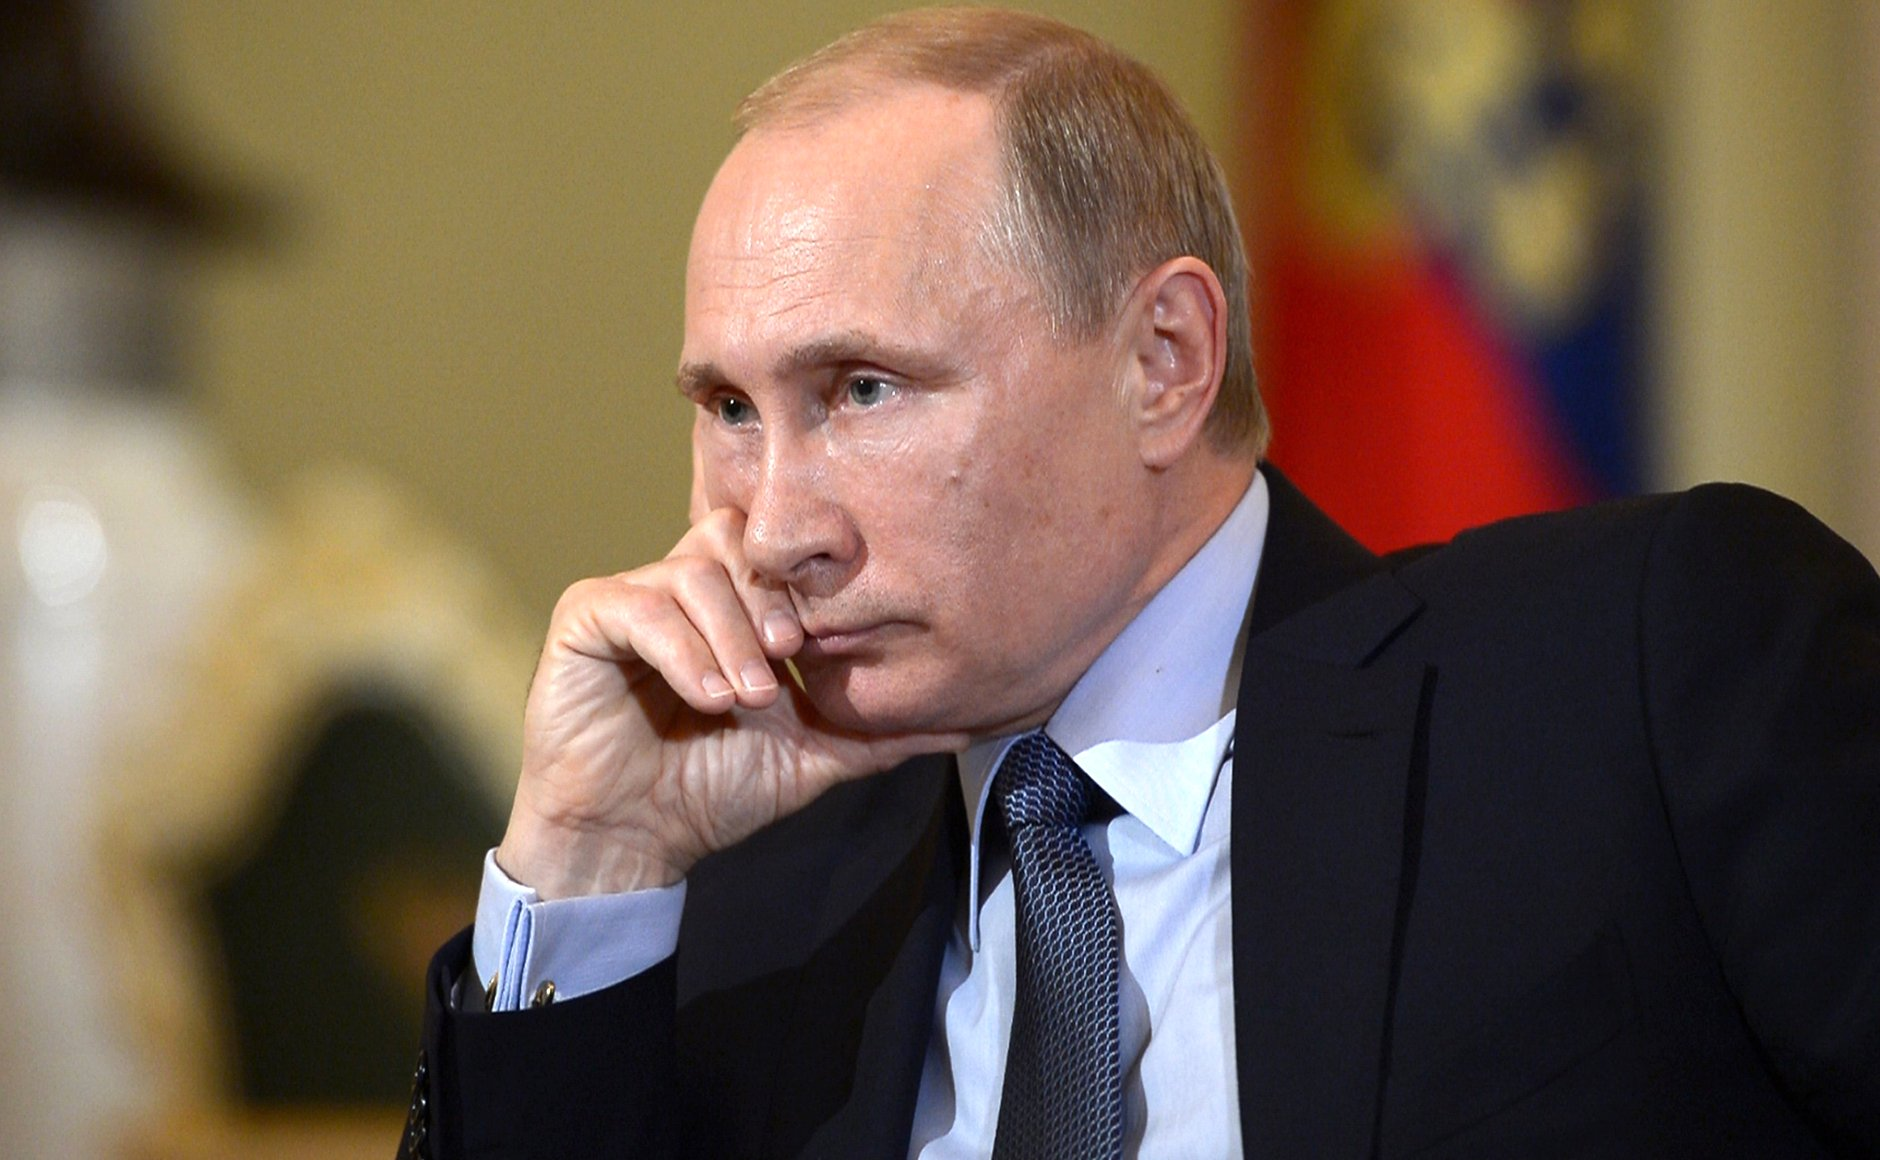 Справедливая зарплата медиков по Путину: какой она должна быть и когда ее ожидать